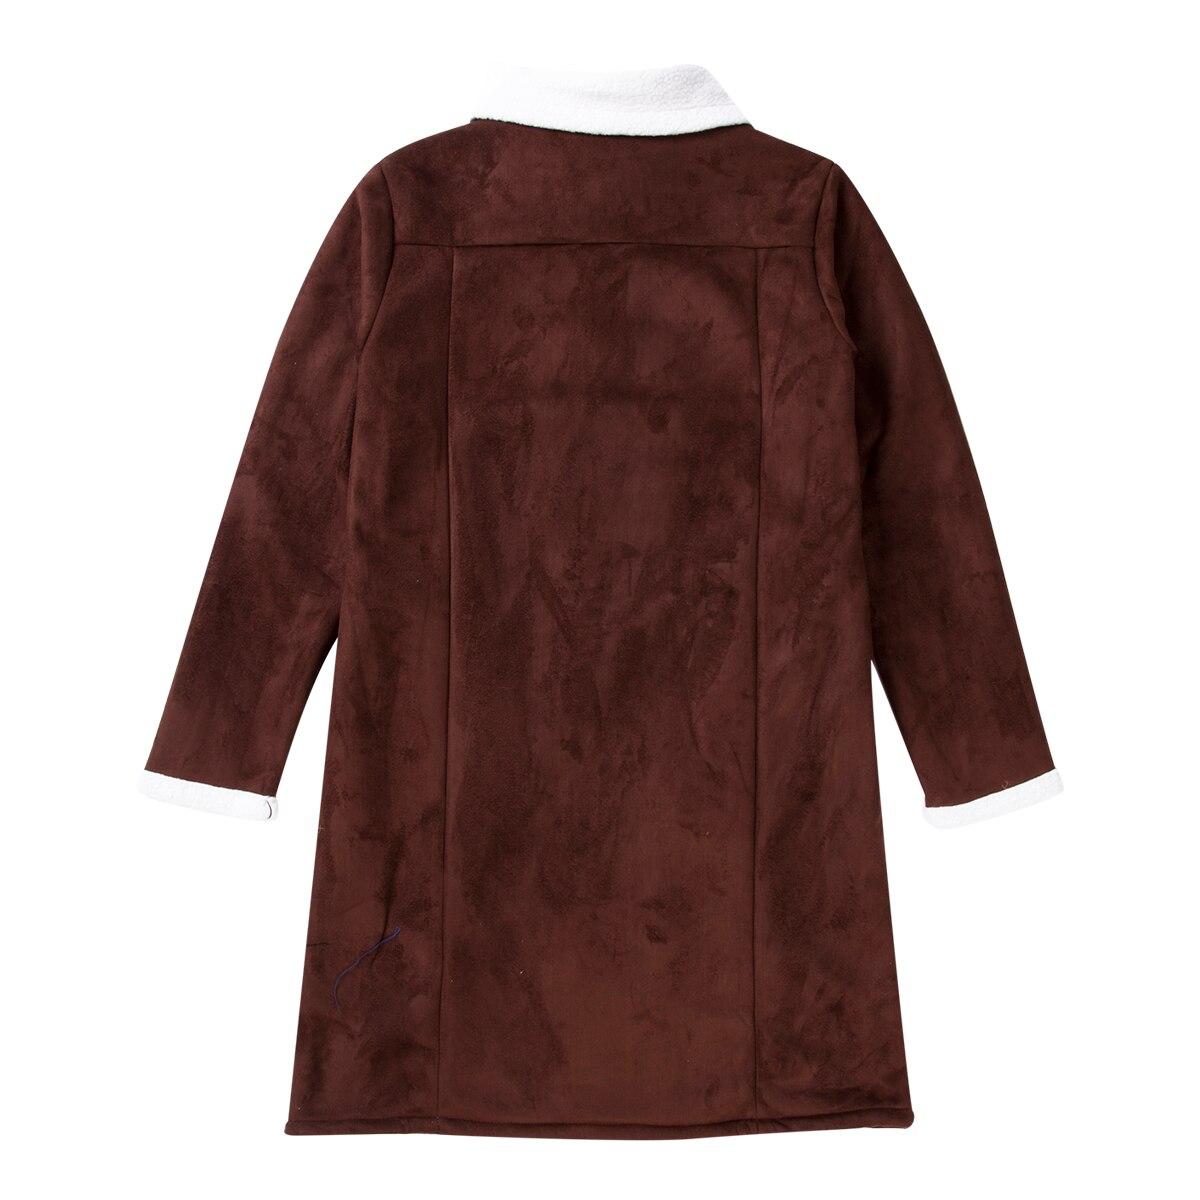 H80103d7eca334ec8ab96df385be237a7Q Men's Winter Warm Trench Windproof Fur Fleece Long Coat Overcoat Lapel Warm Fluffy Jacket Buttons Outerwear Plus Size Coat